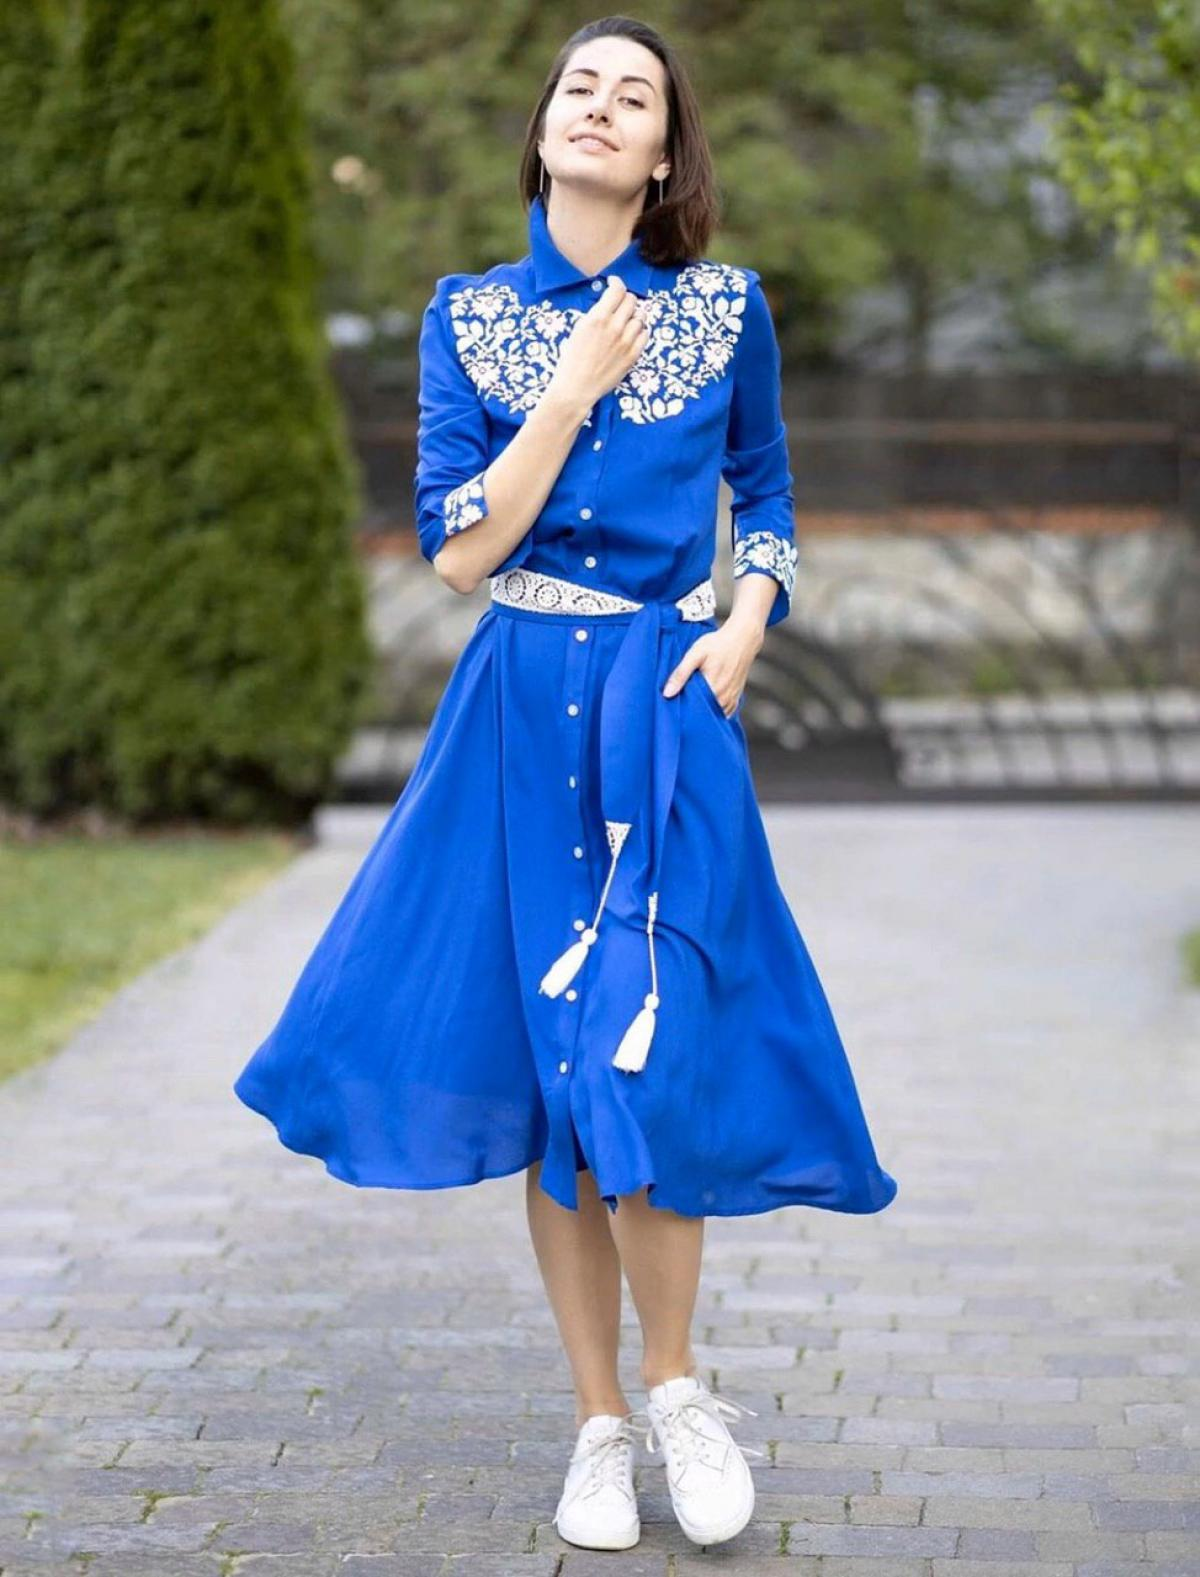 Сукня синього кольору з білою вишивкою. Фото №1. | Народний дім Україна